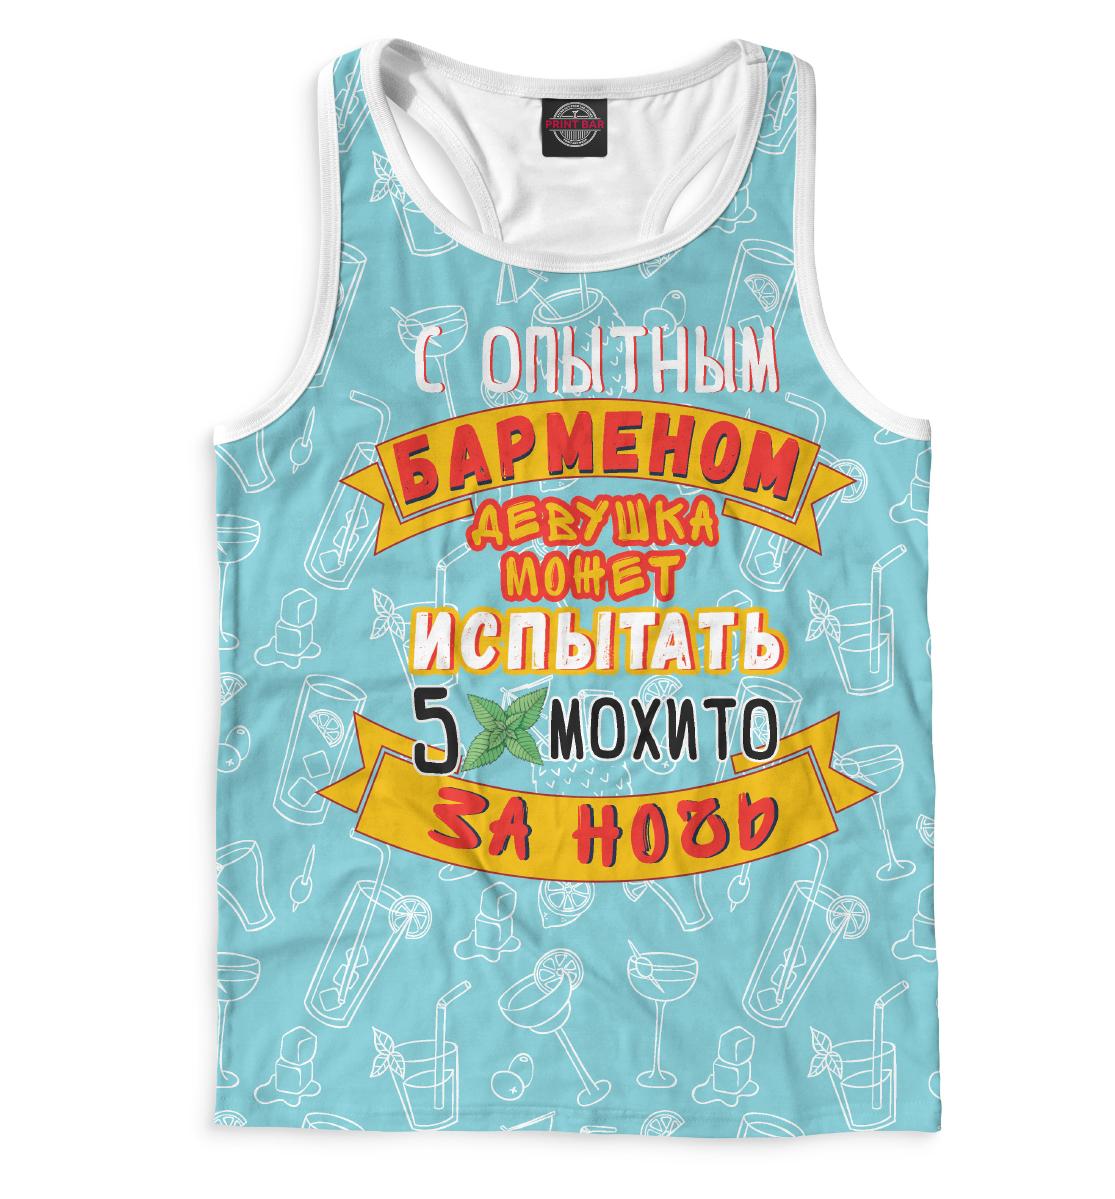 Купить Опытный бармен, Printbar, Майки борцовки, BAR-921227-mayb-2